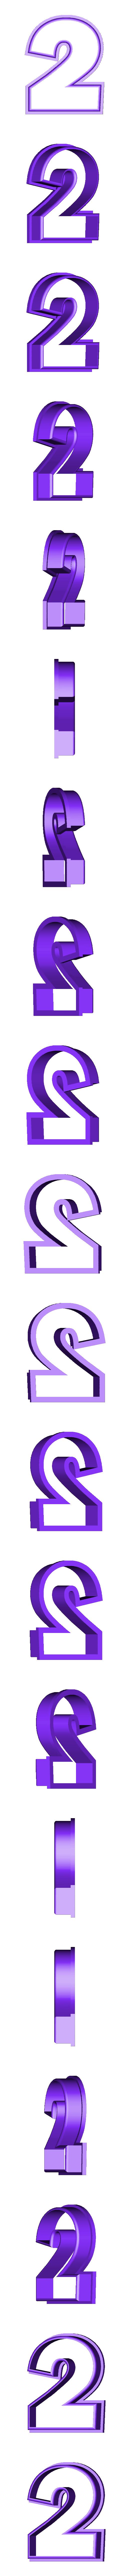 2.stl Télécharger fichier STL Numéros des moules à biscuits • Plan imprimable en 3D, Ushuaia3D